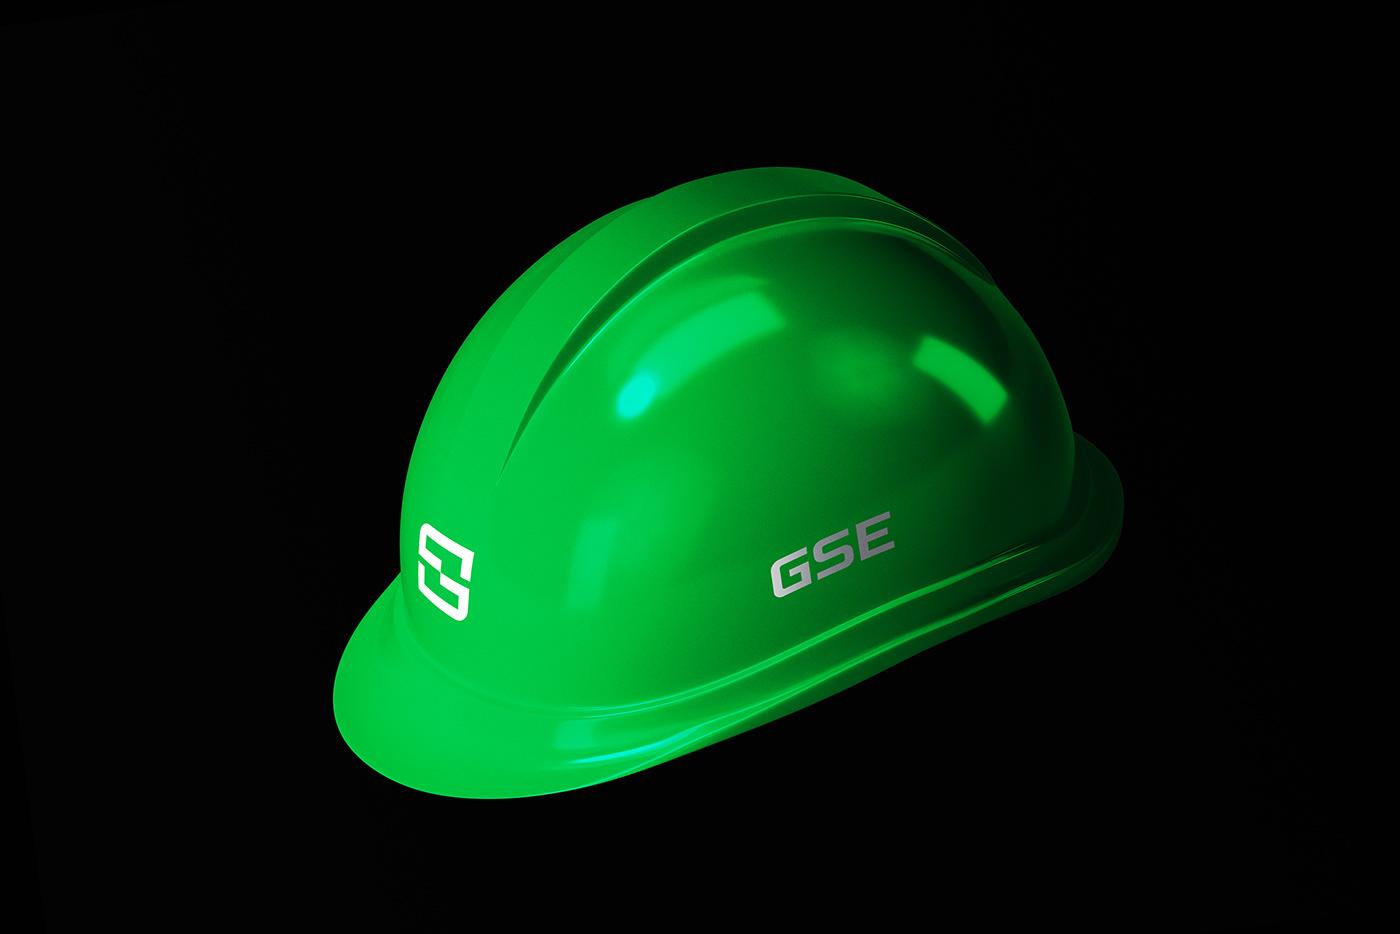 GSE Helmet